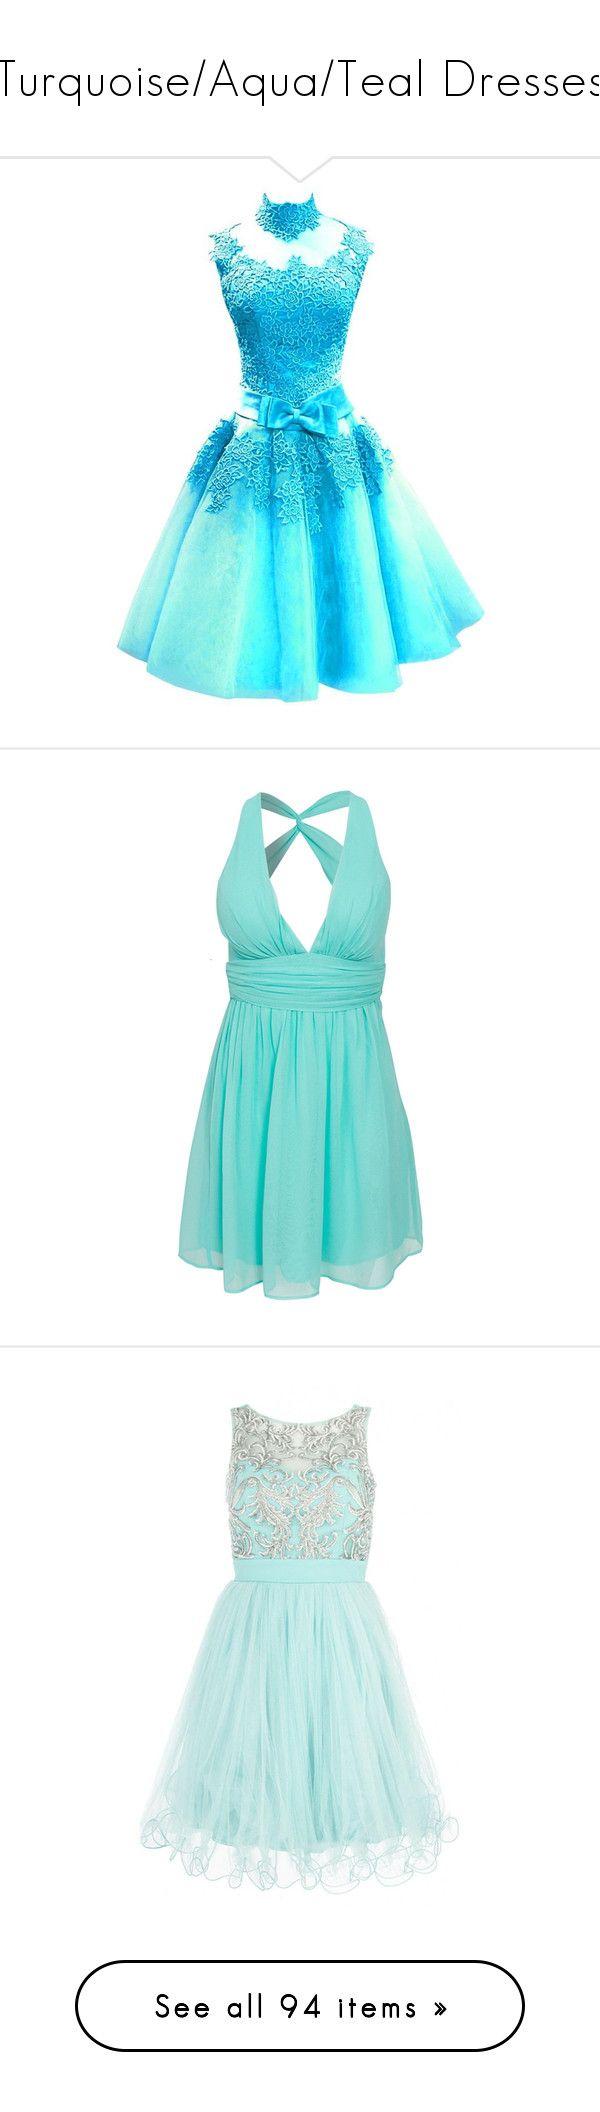 Turquoise/Aqua/Teal Dresses\